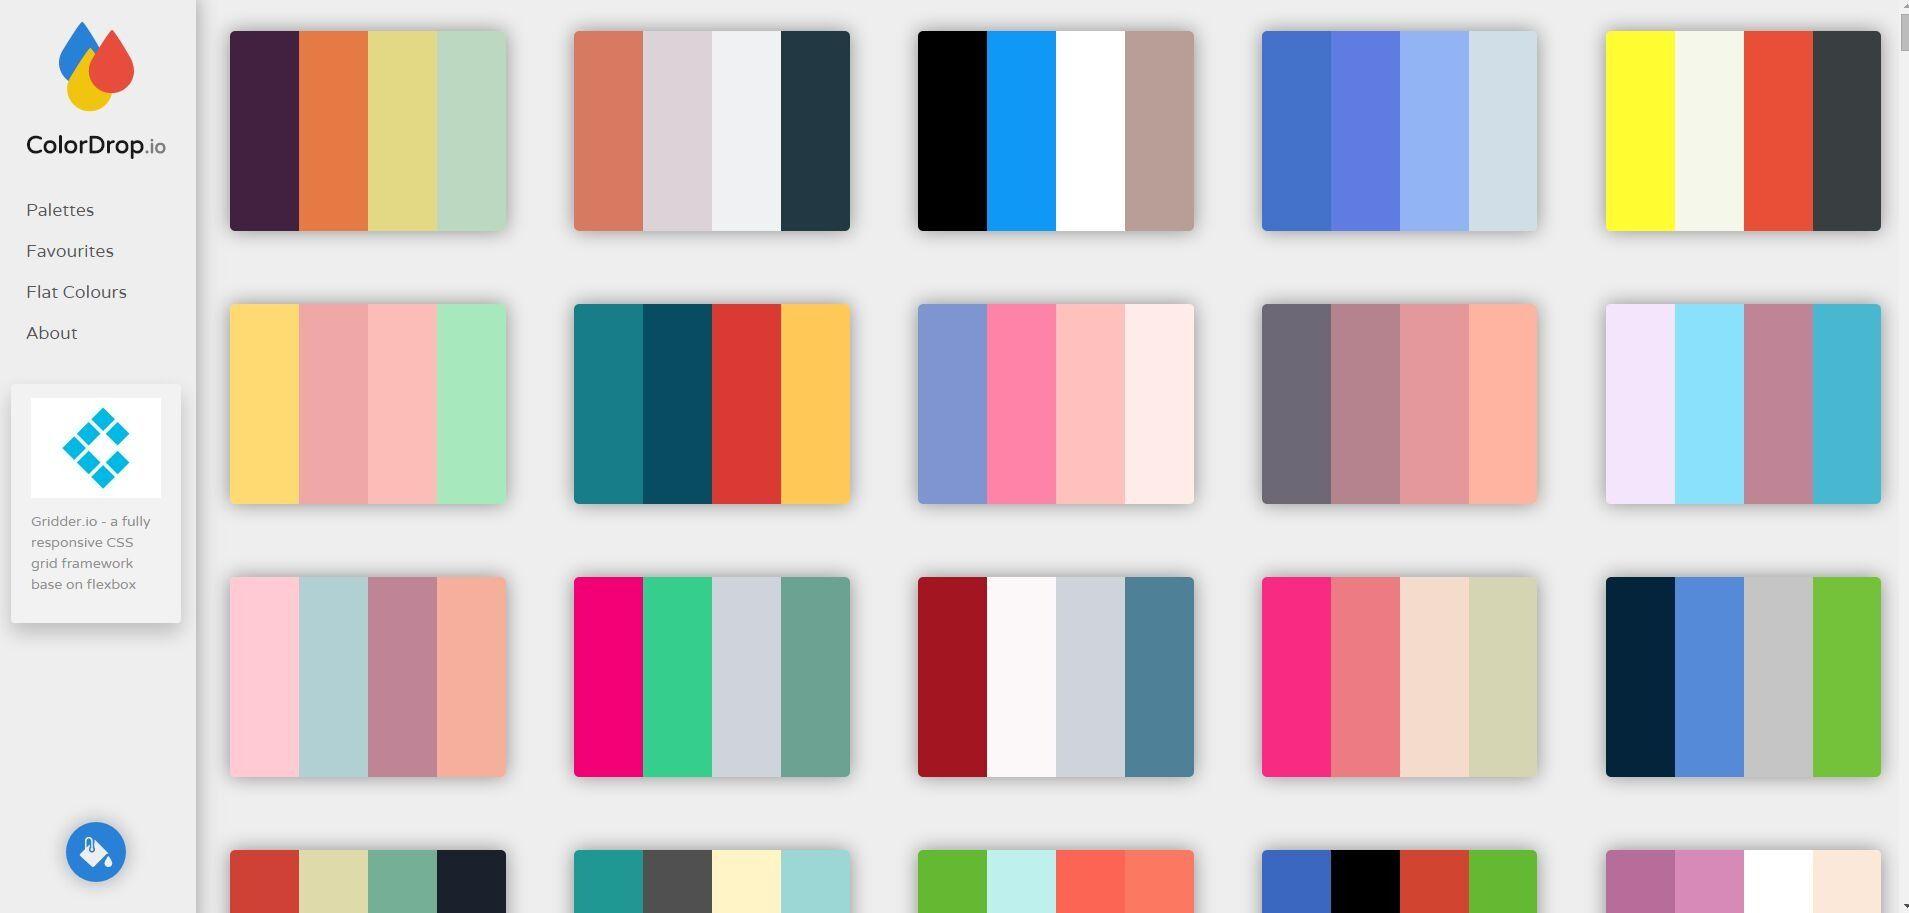 beepress10 1555054269 - MG动画之配色技巧色彩搭配的原理